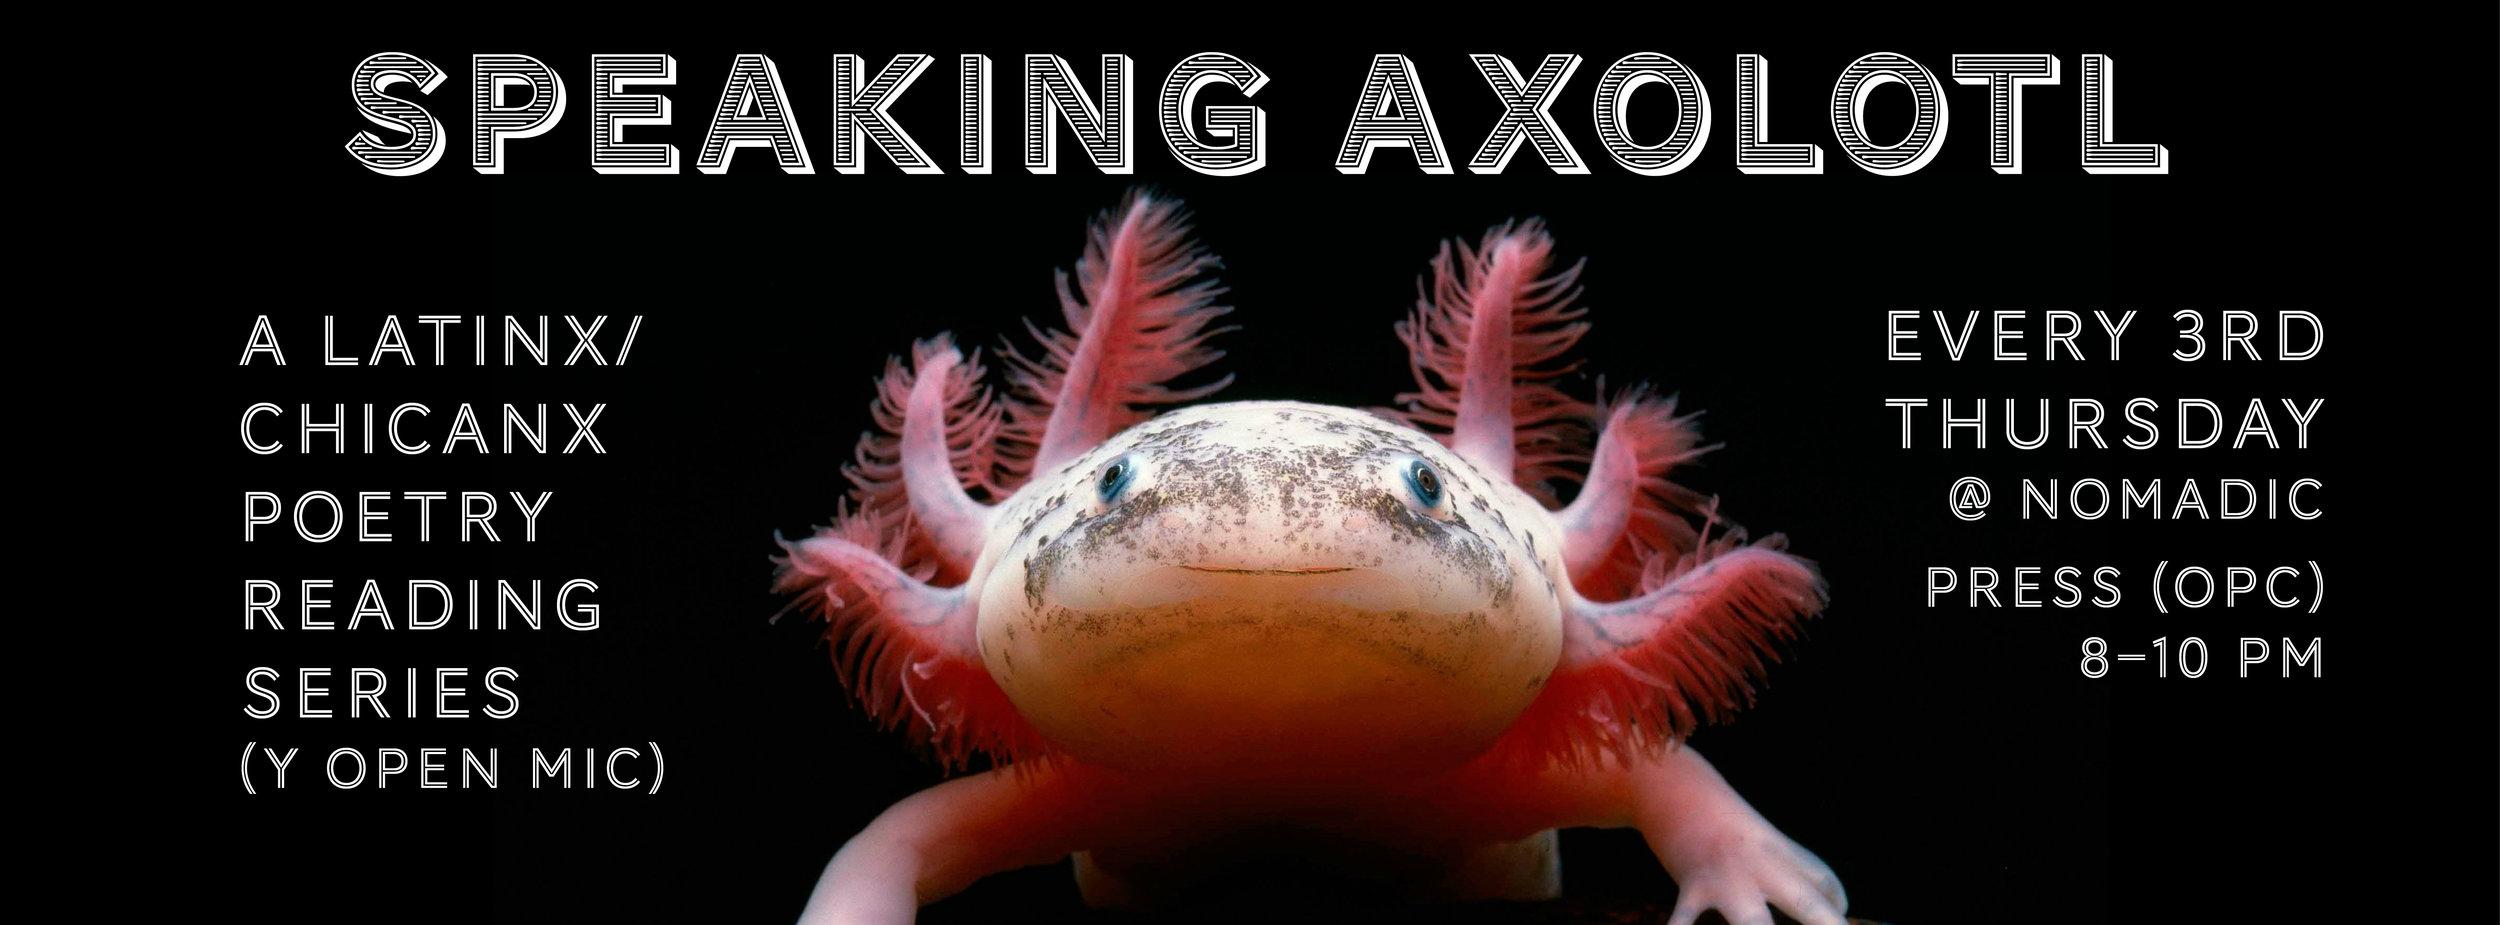 100121 Speaking Axolotl FB Banner.jpg